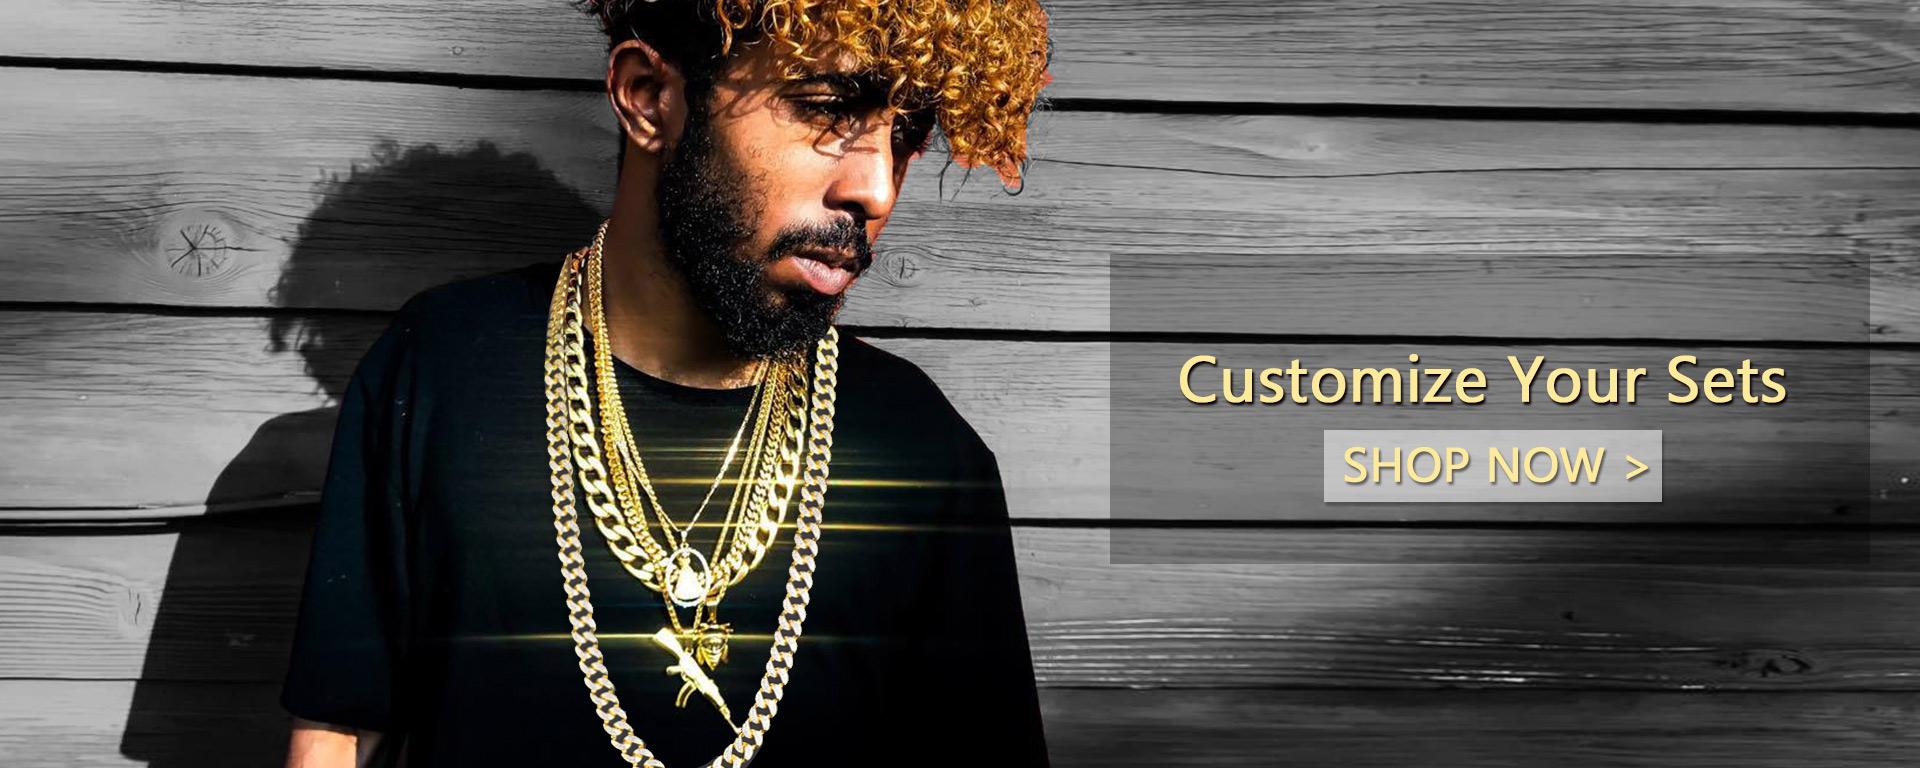 customize-a-set